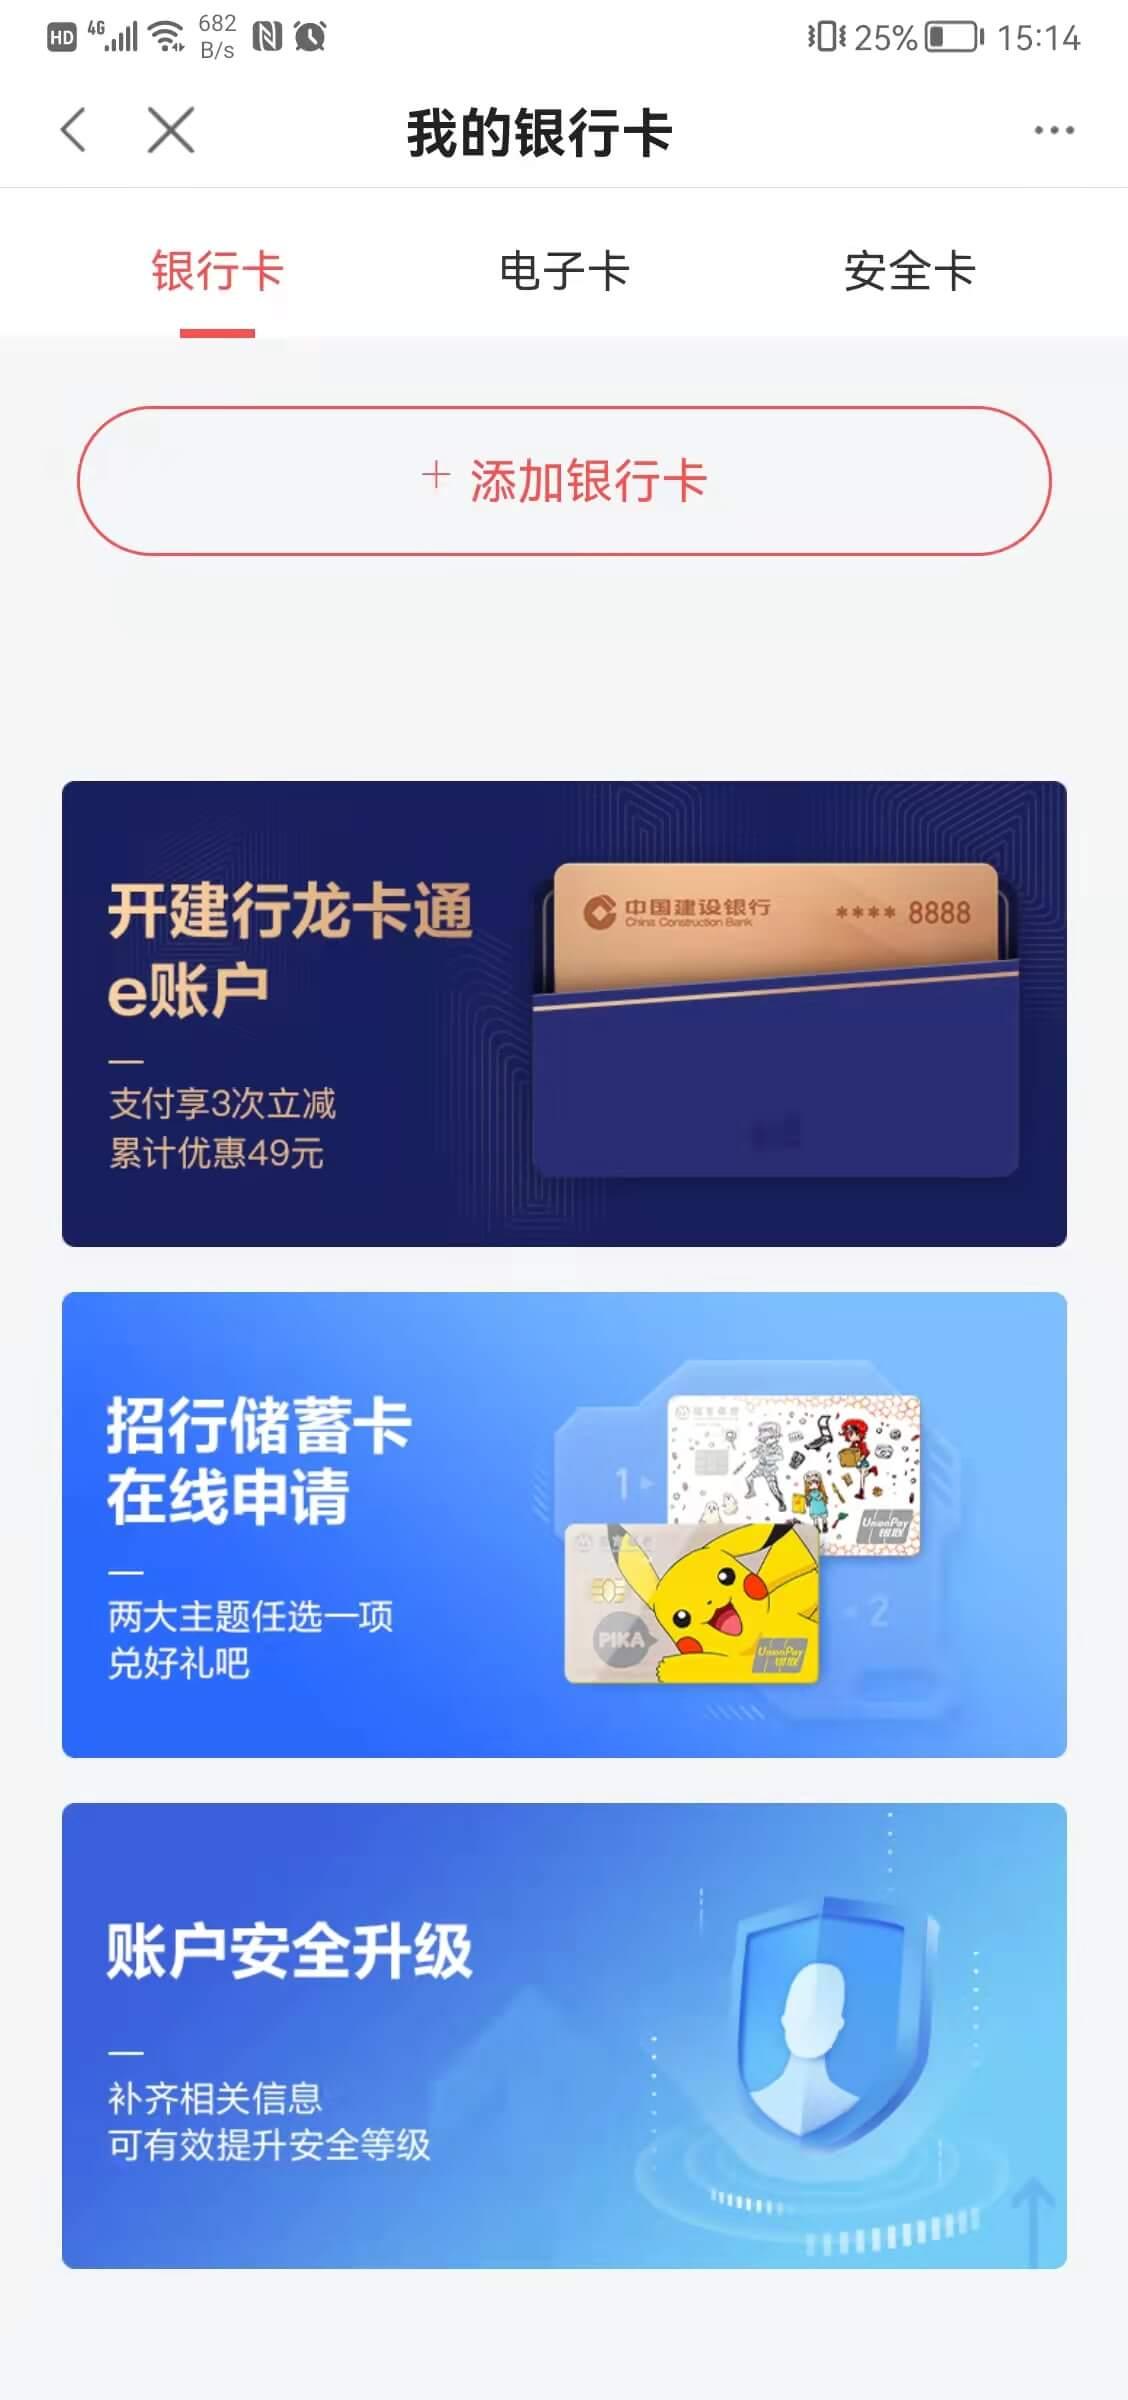 图片[1]-度小满金融开建行龙卡通e账户得3张支付券(需有建行卡)-星辰博客